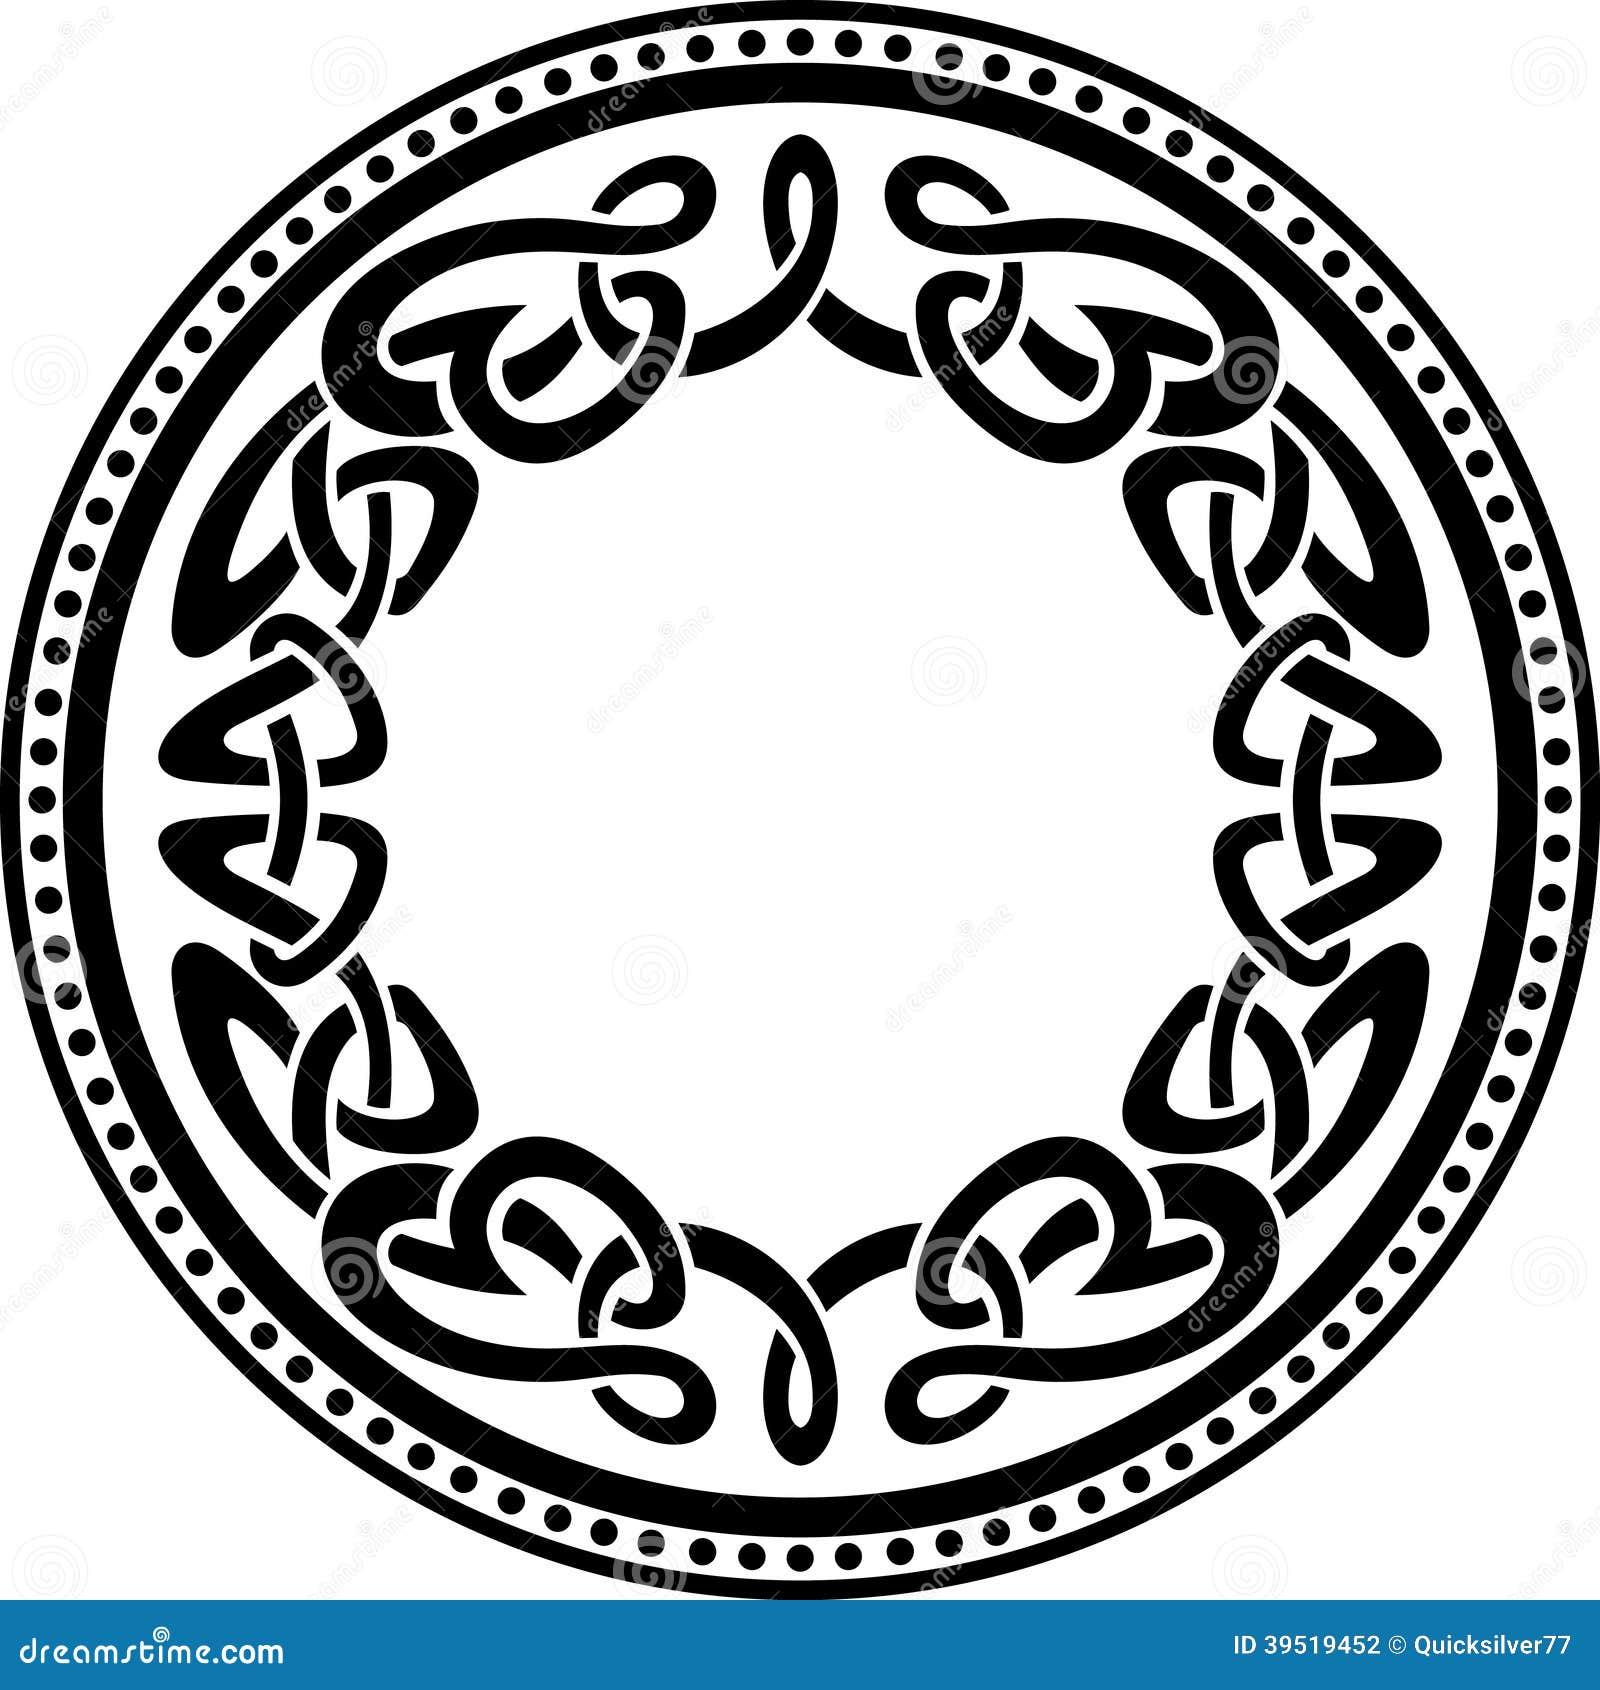 Oval Celtic Knot Border Celtic round pattern borderOval Celtic Knot Border